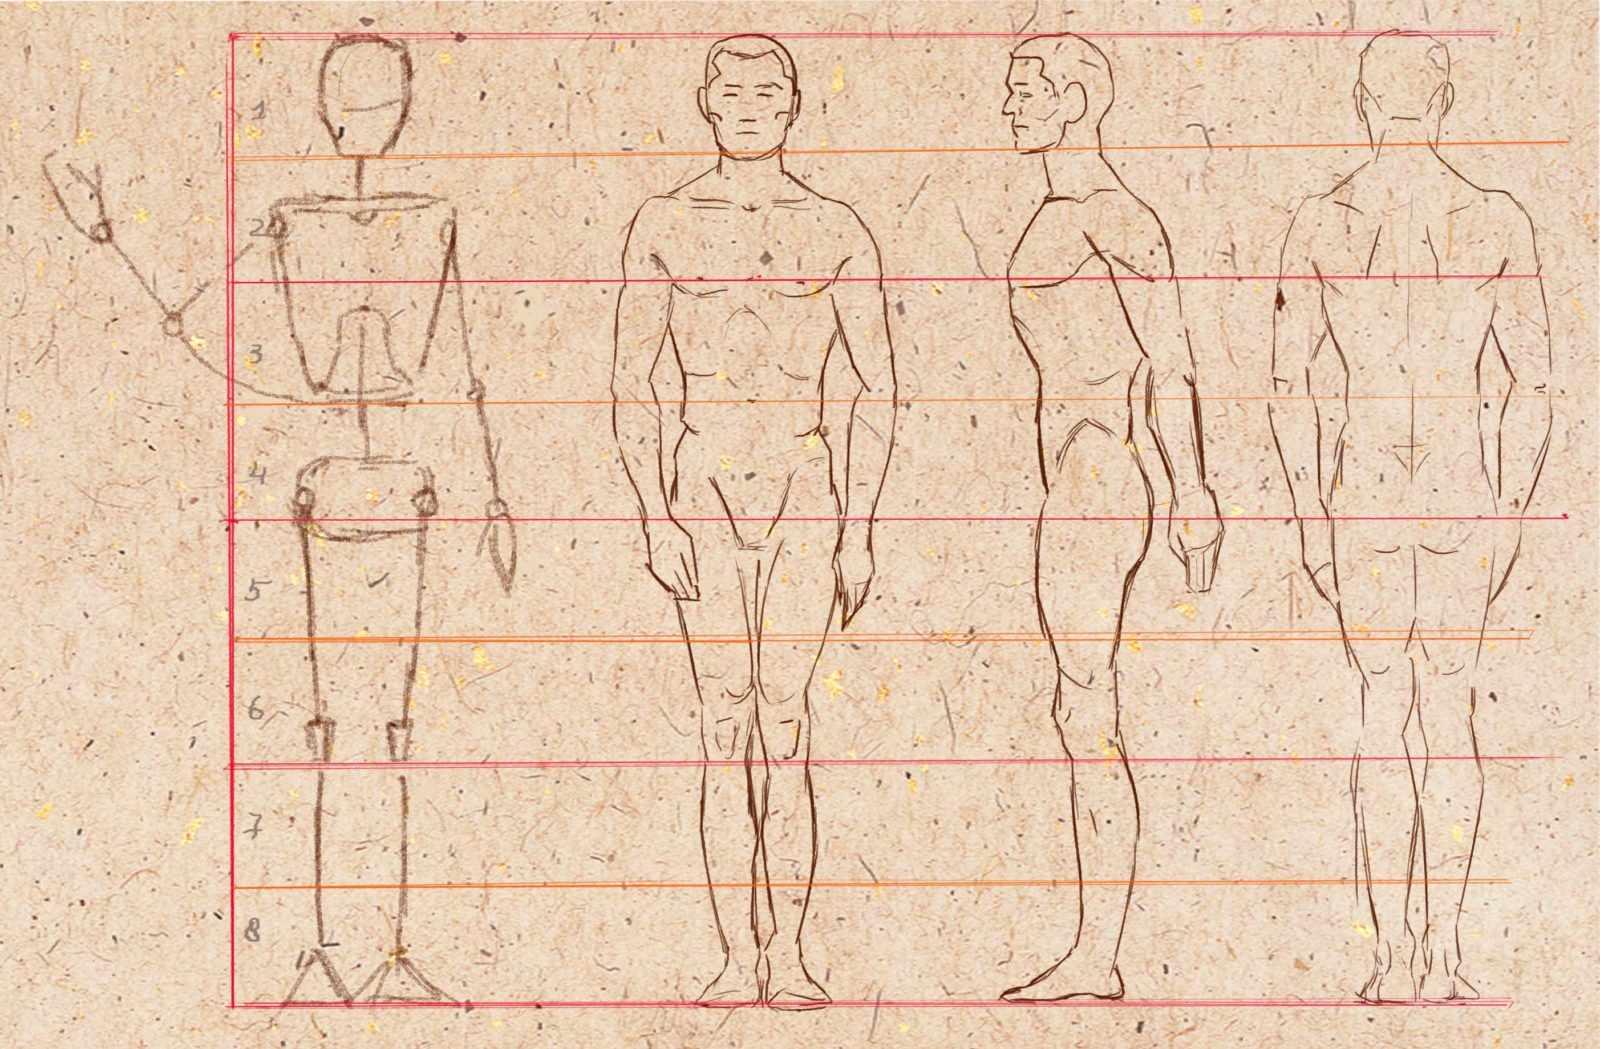 Фигура стоящего человека